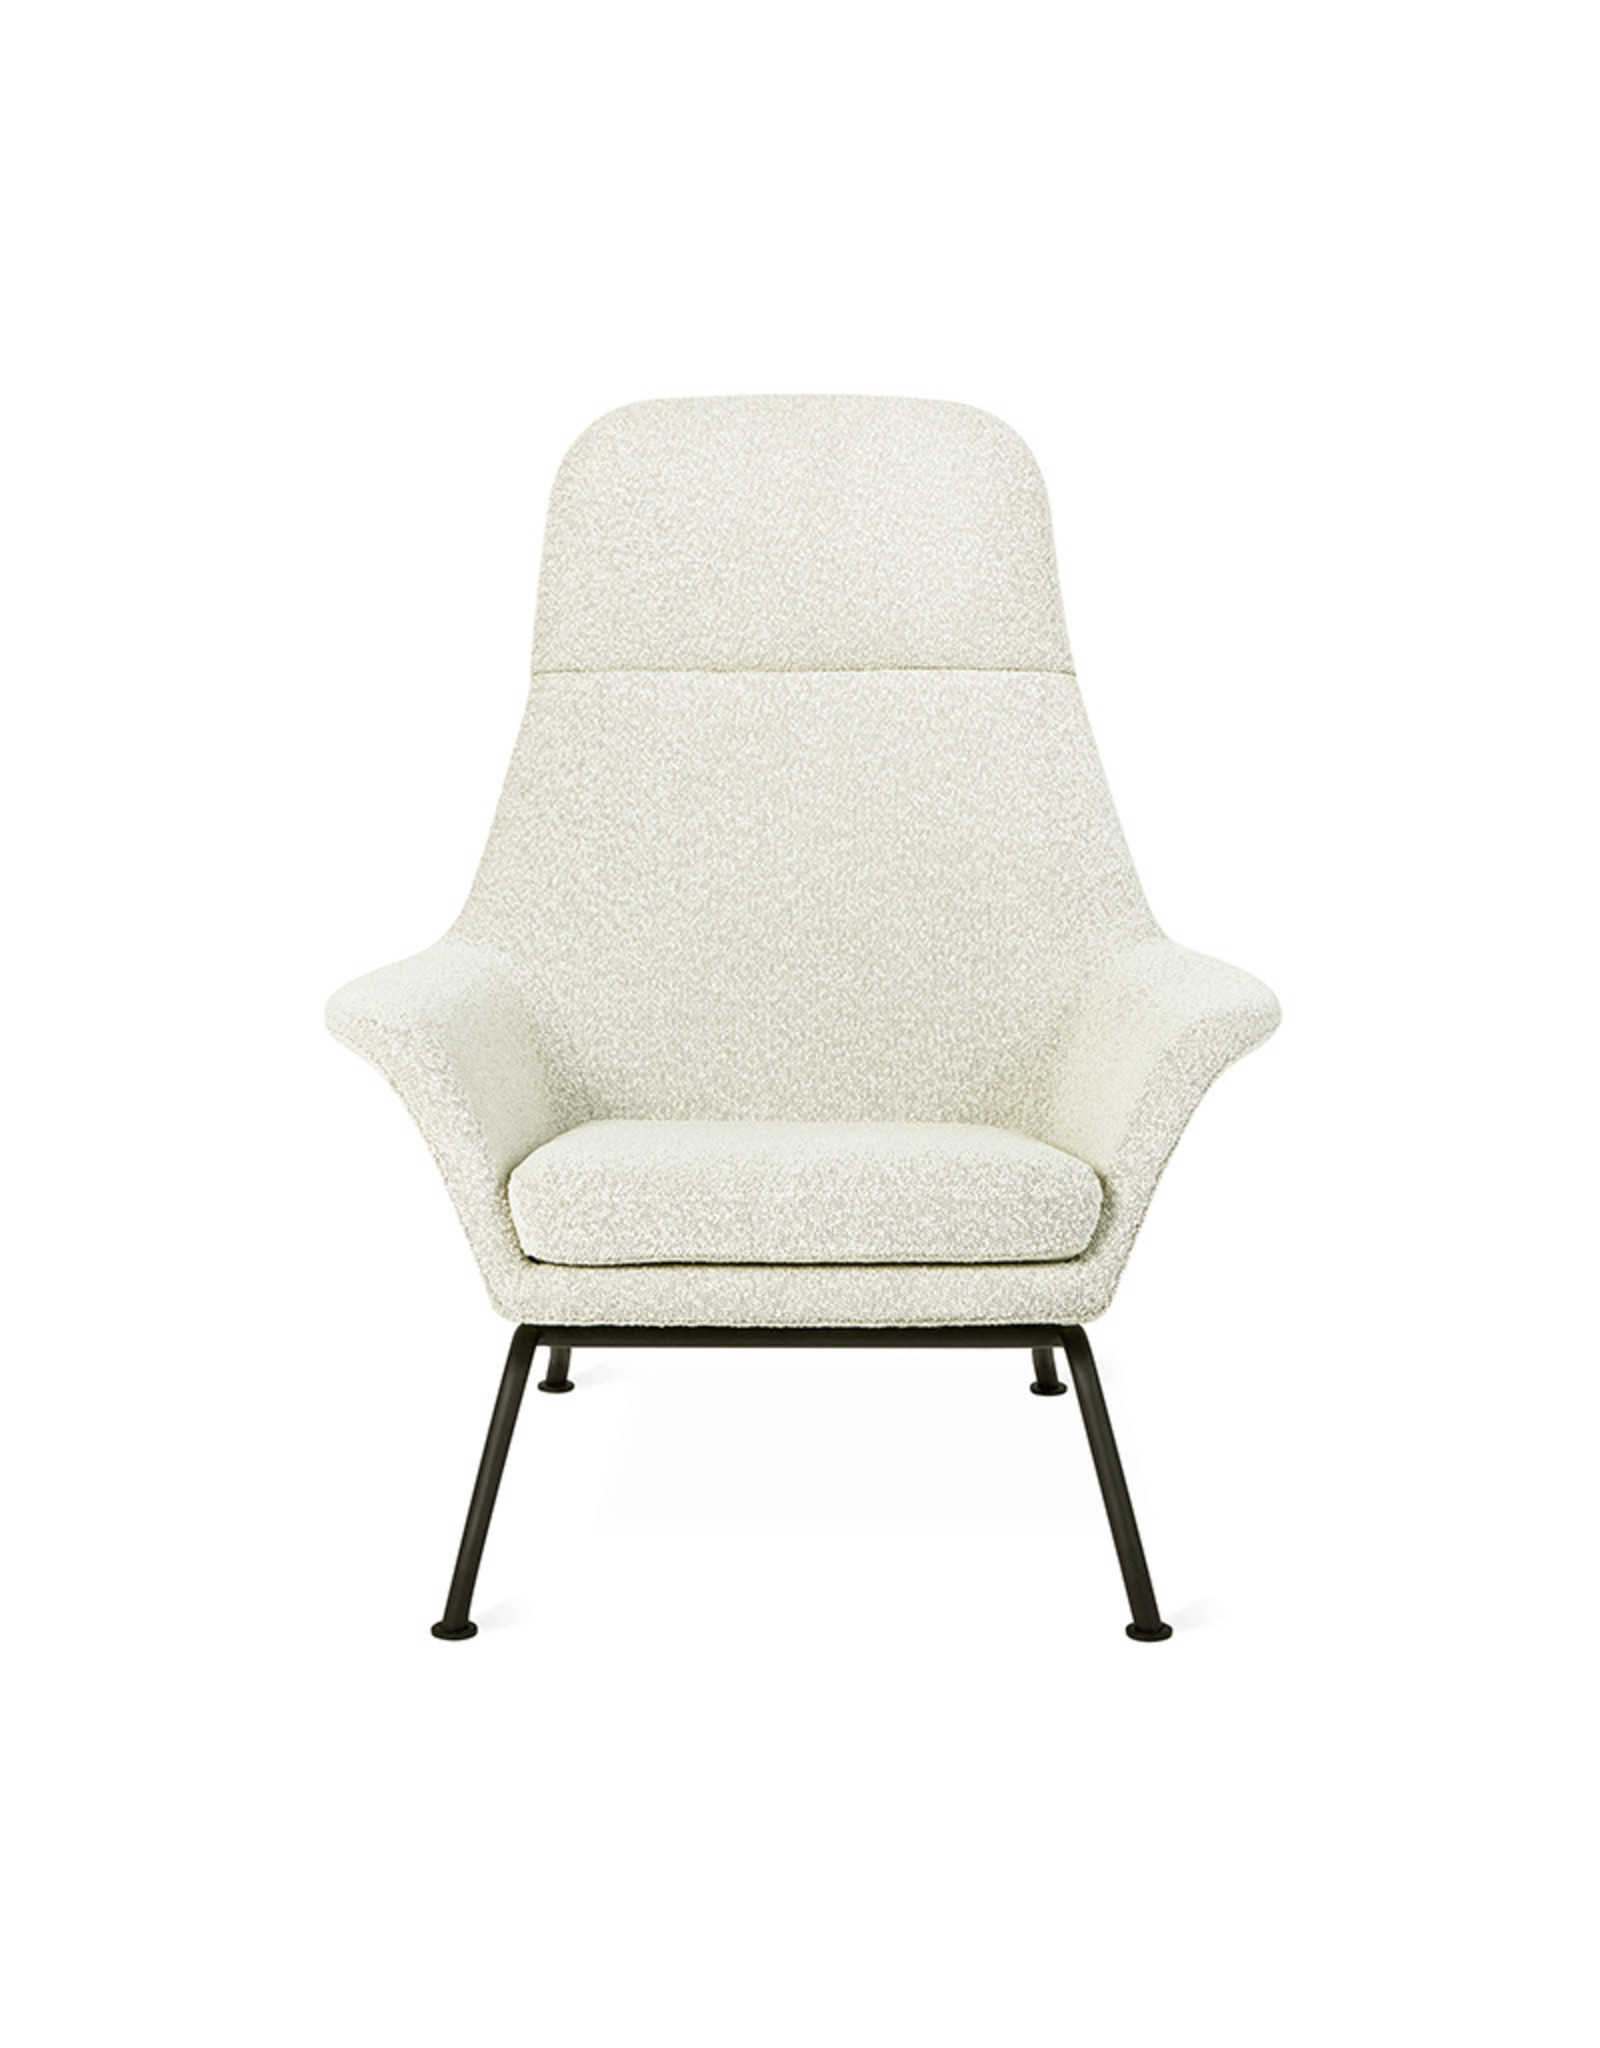 Gus* Modern Tallinn Chair